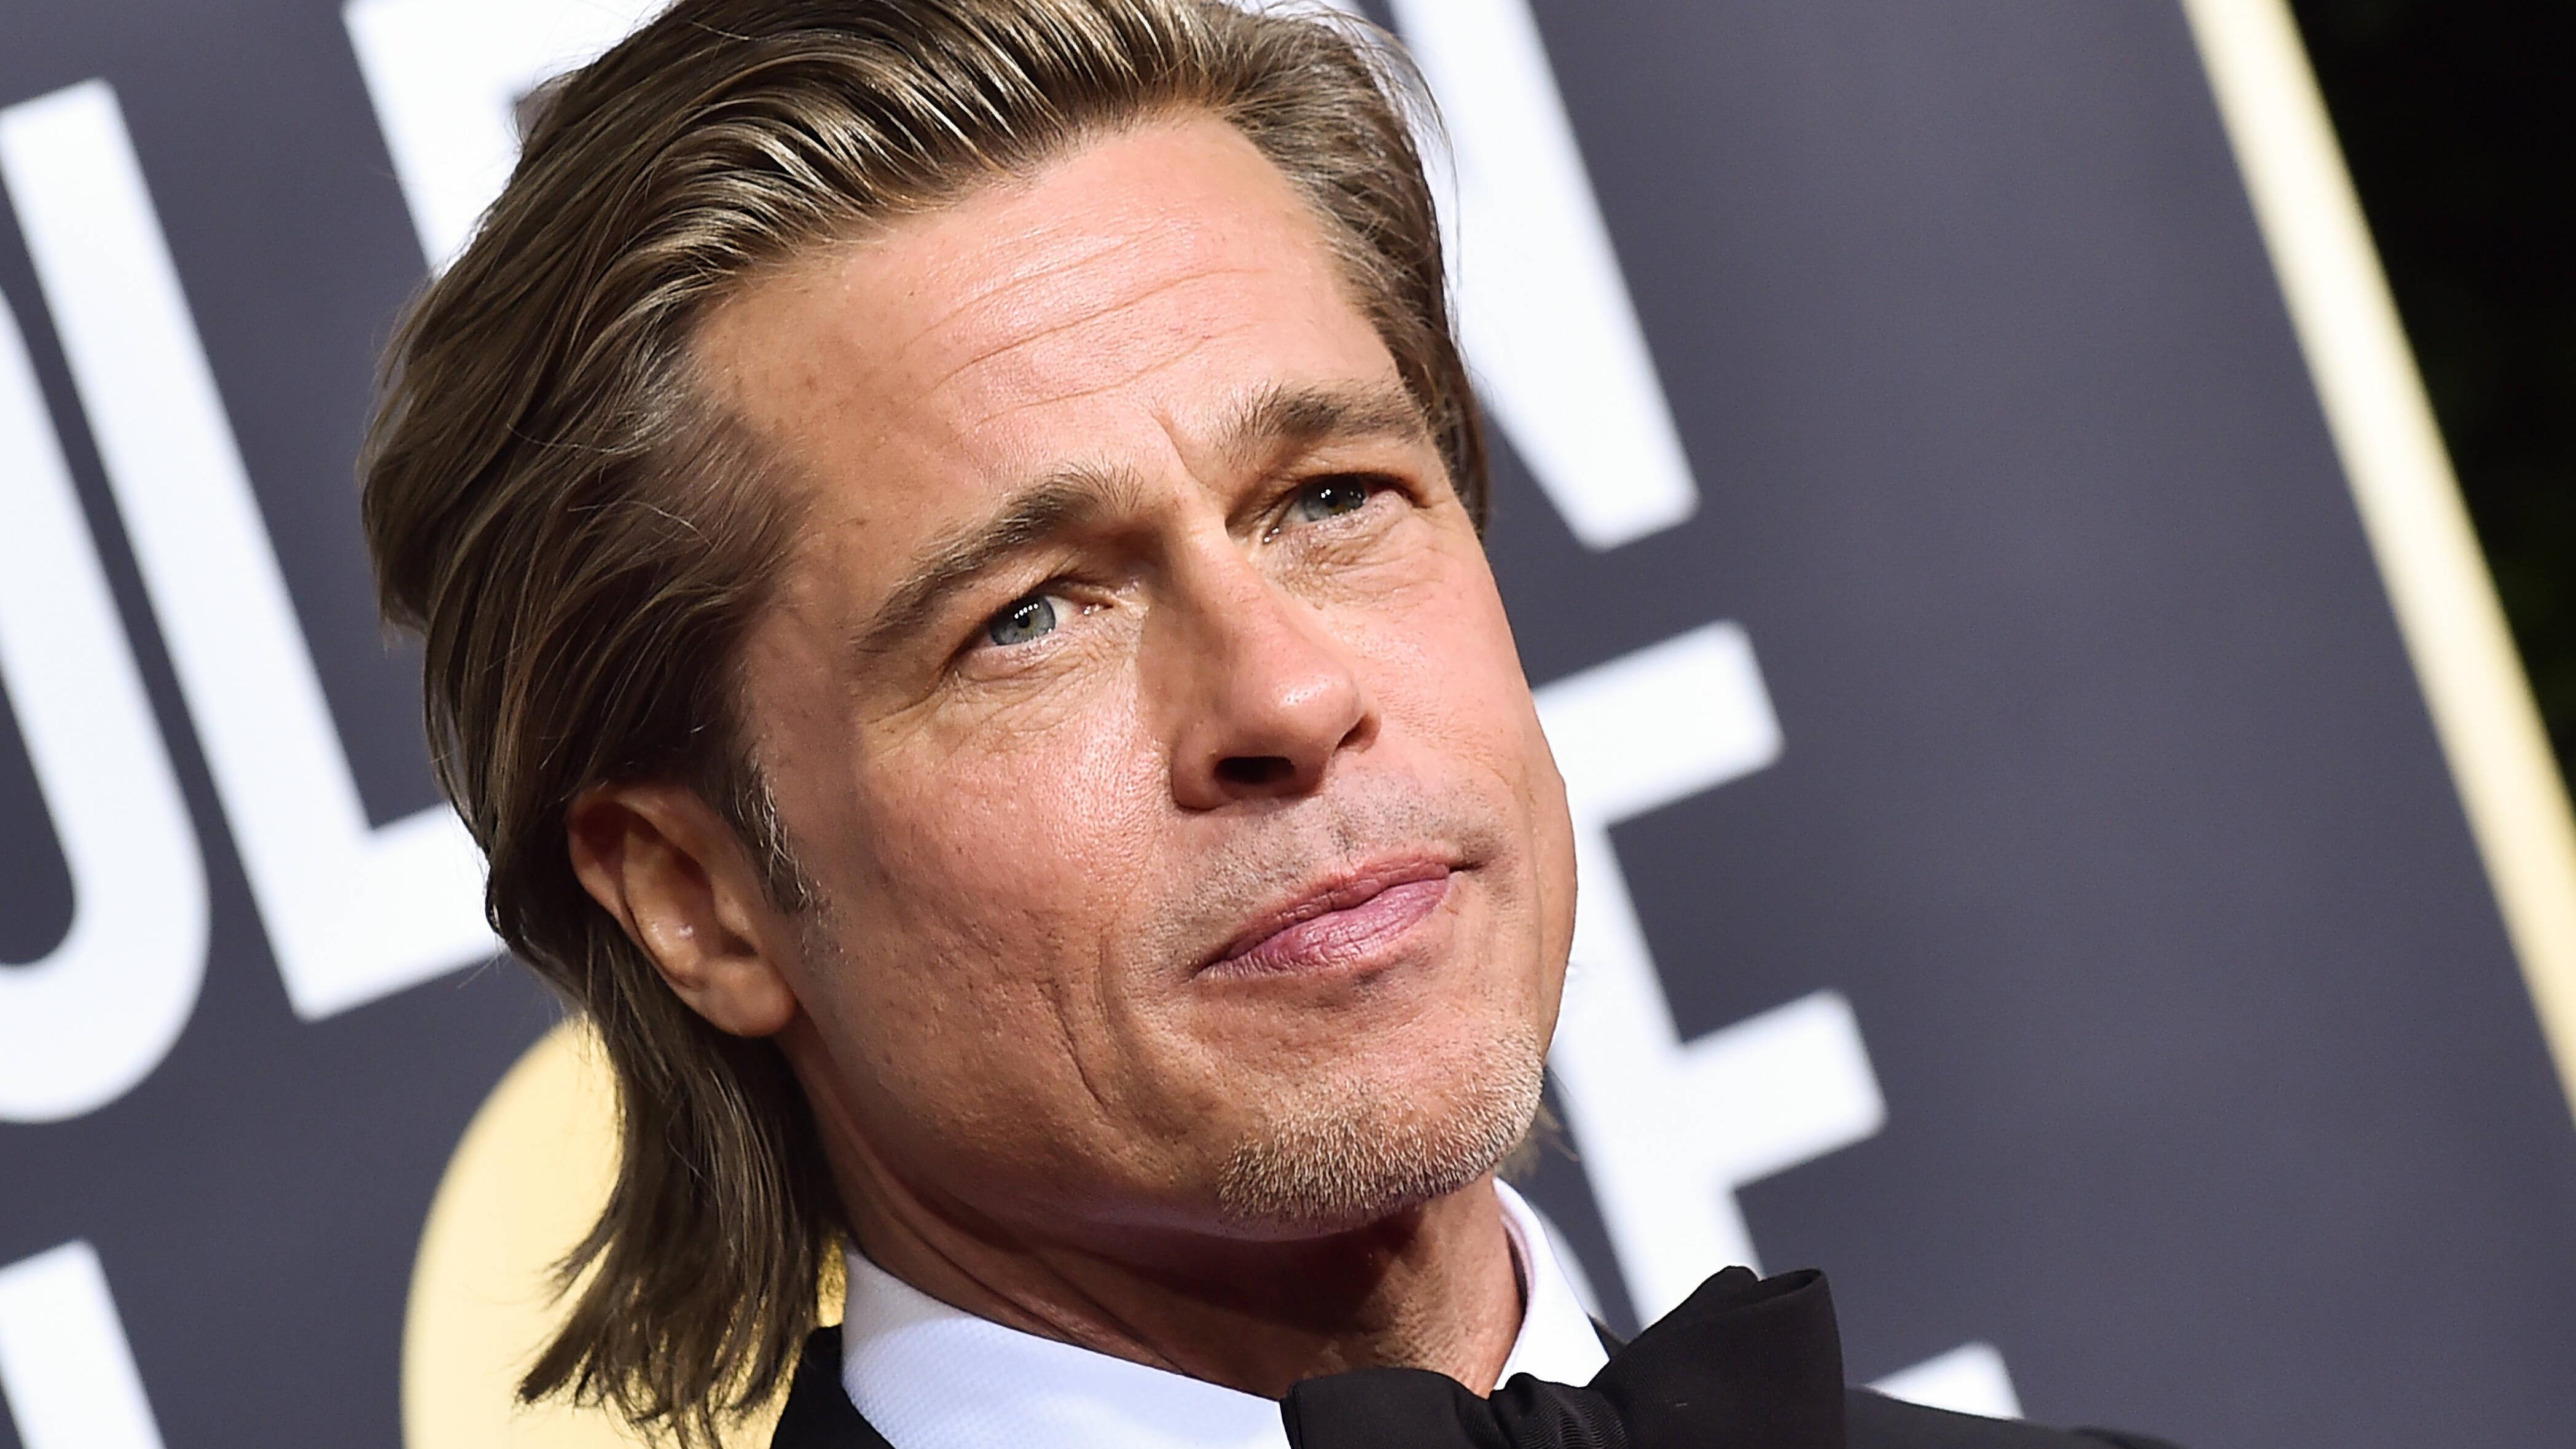 Auch Brad Pitt setzt in Sachen Frisur gerne auf den Bro Flow.